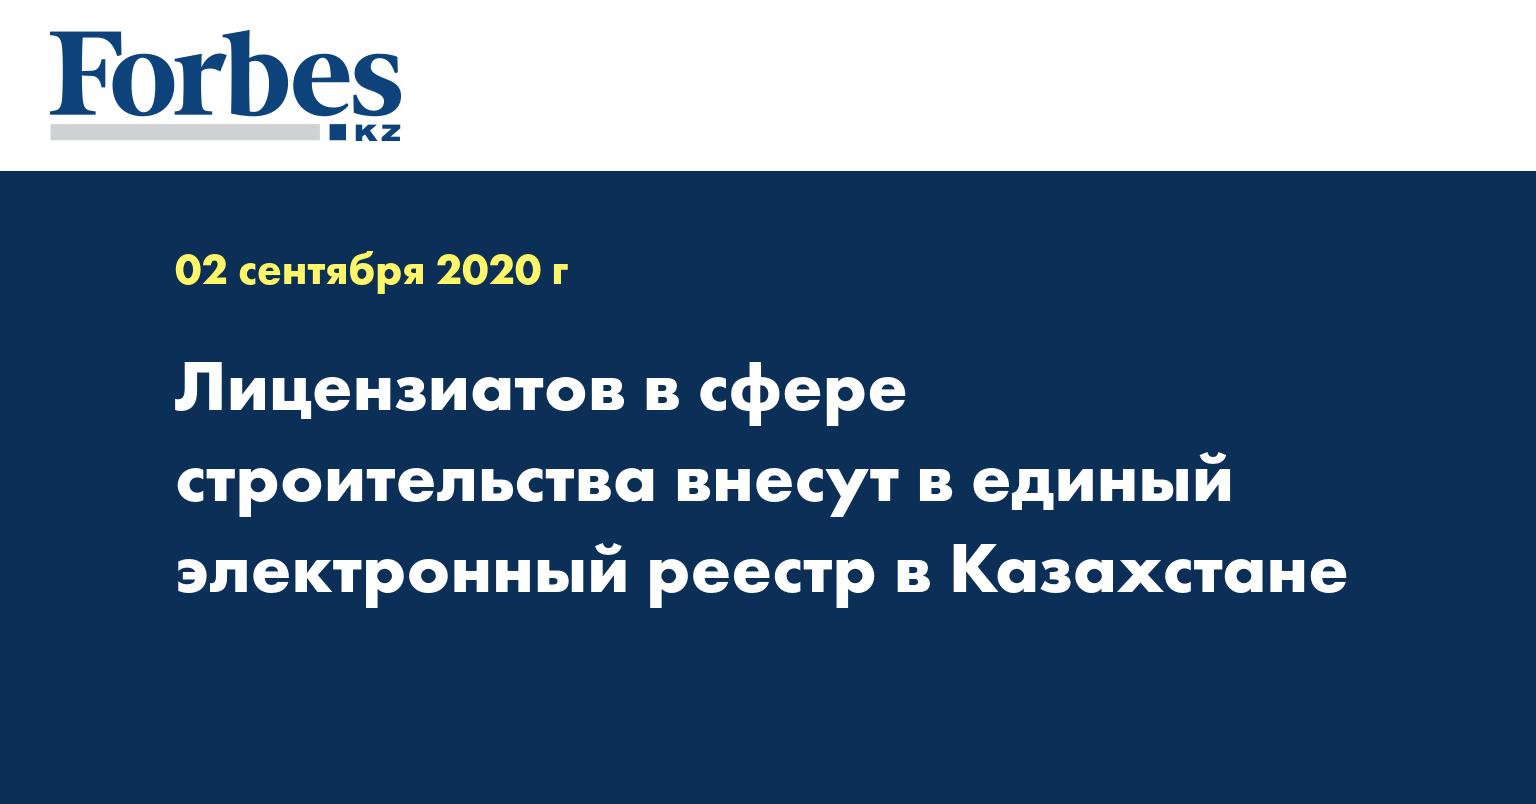 Лицензиатов  в сфере строительства внесут в единый электронный реестр  в Казахстане